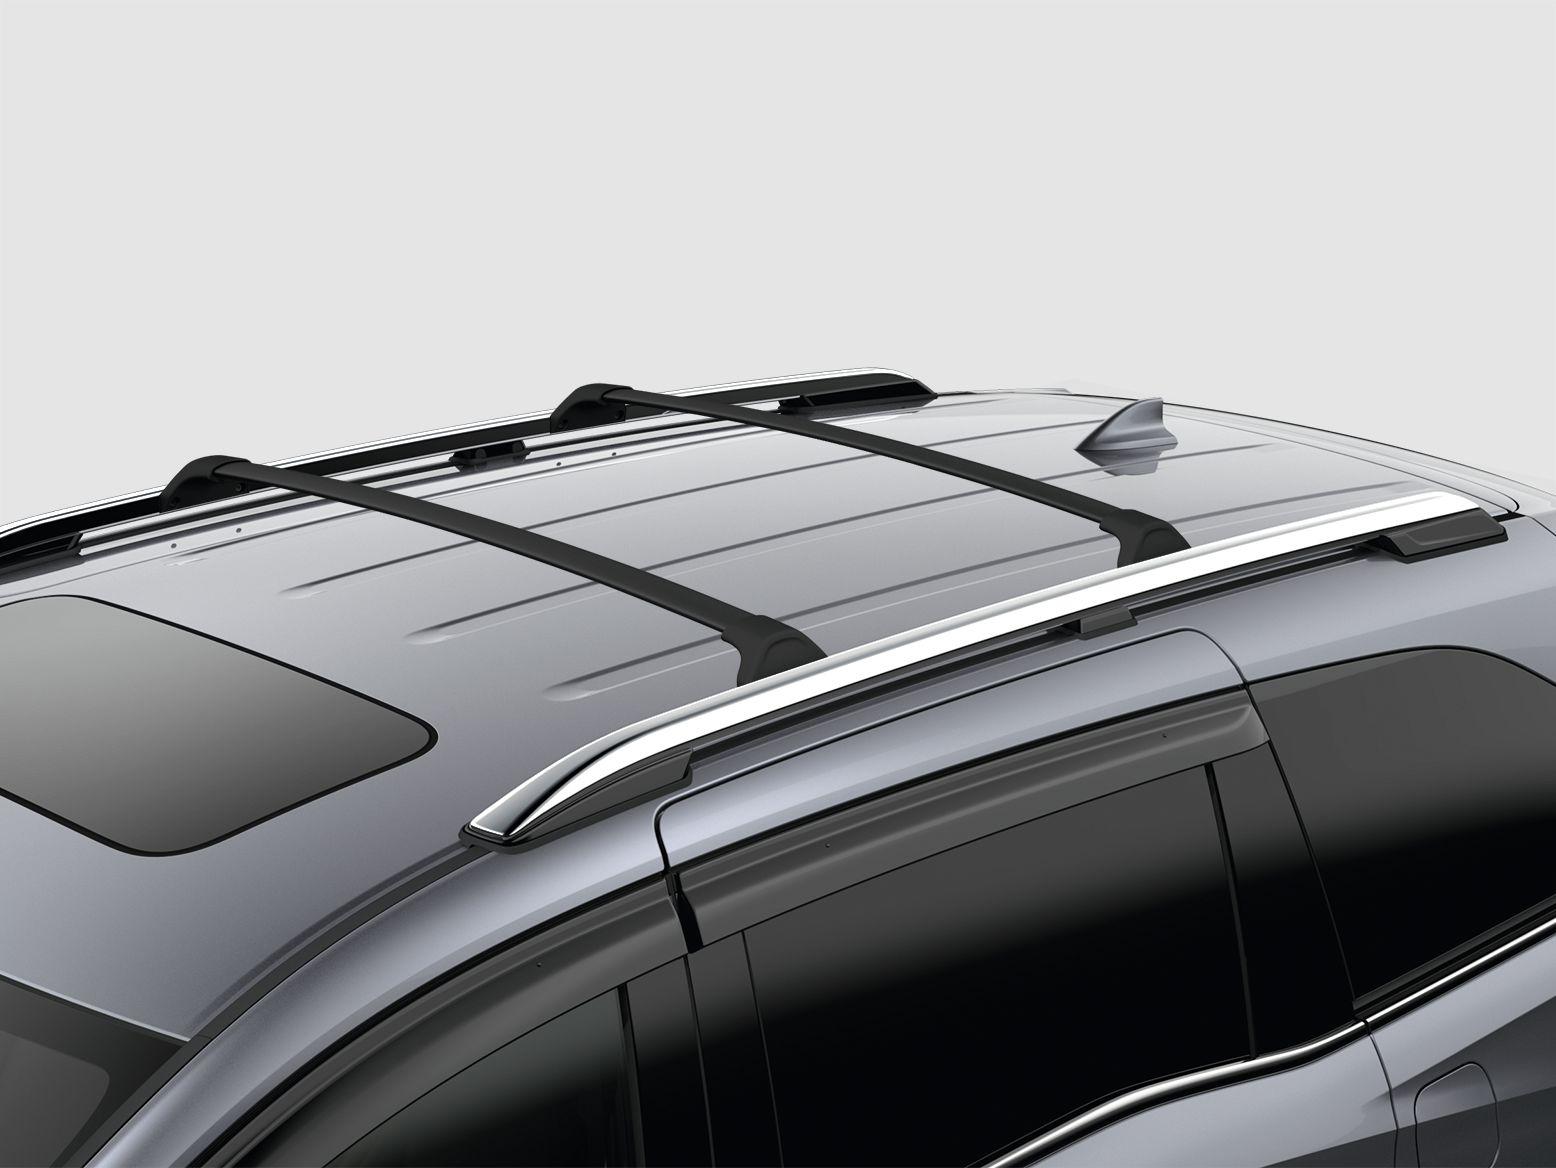 Honda Online Store 2018 Odyssey Roof Rails Chrome For